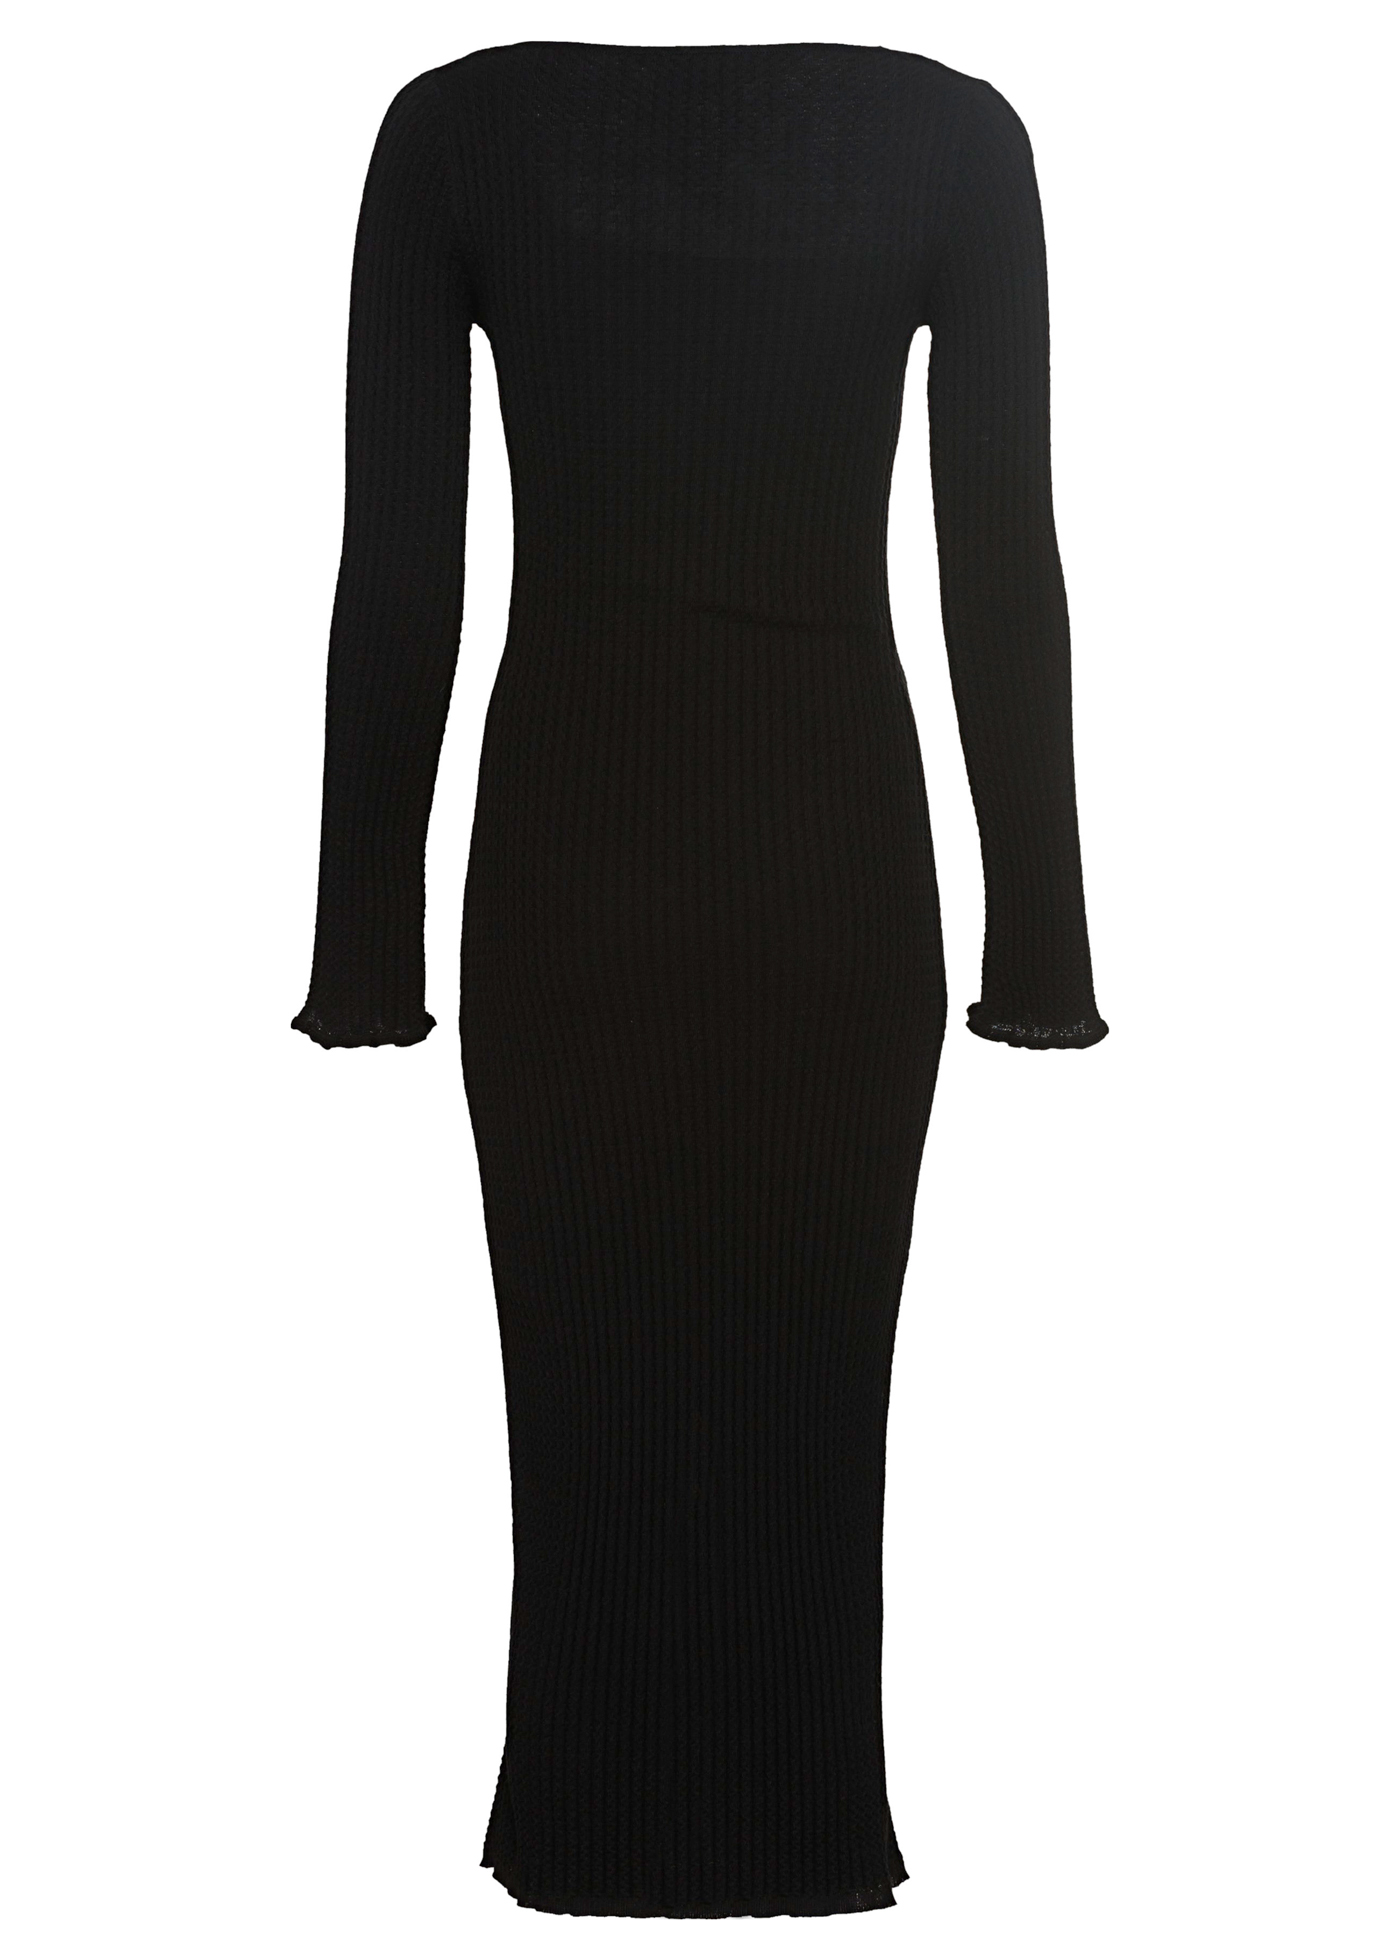 LONG DRESS image number 1